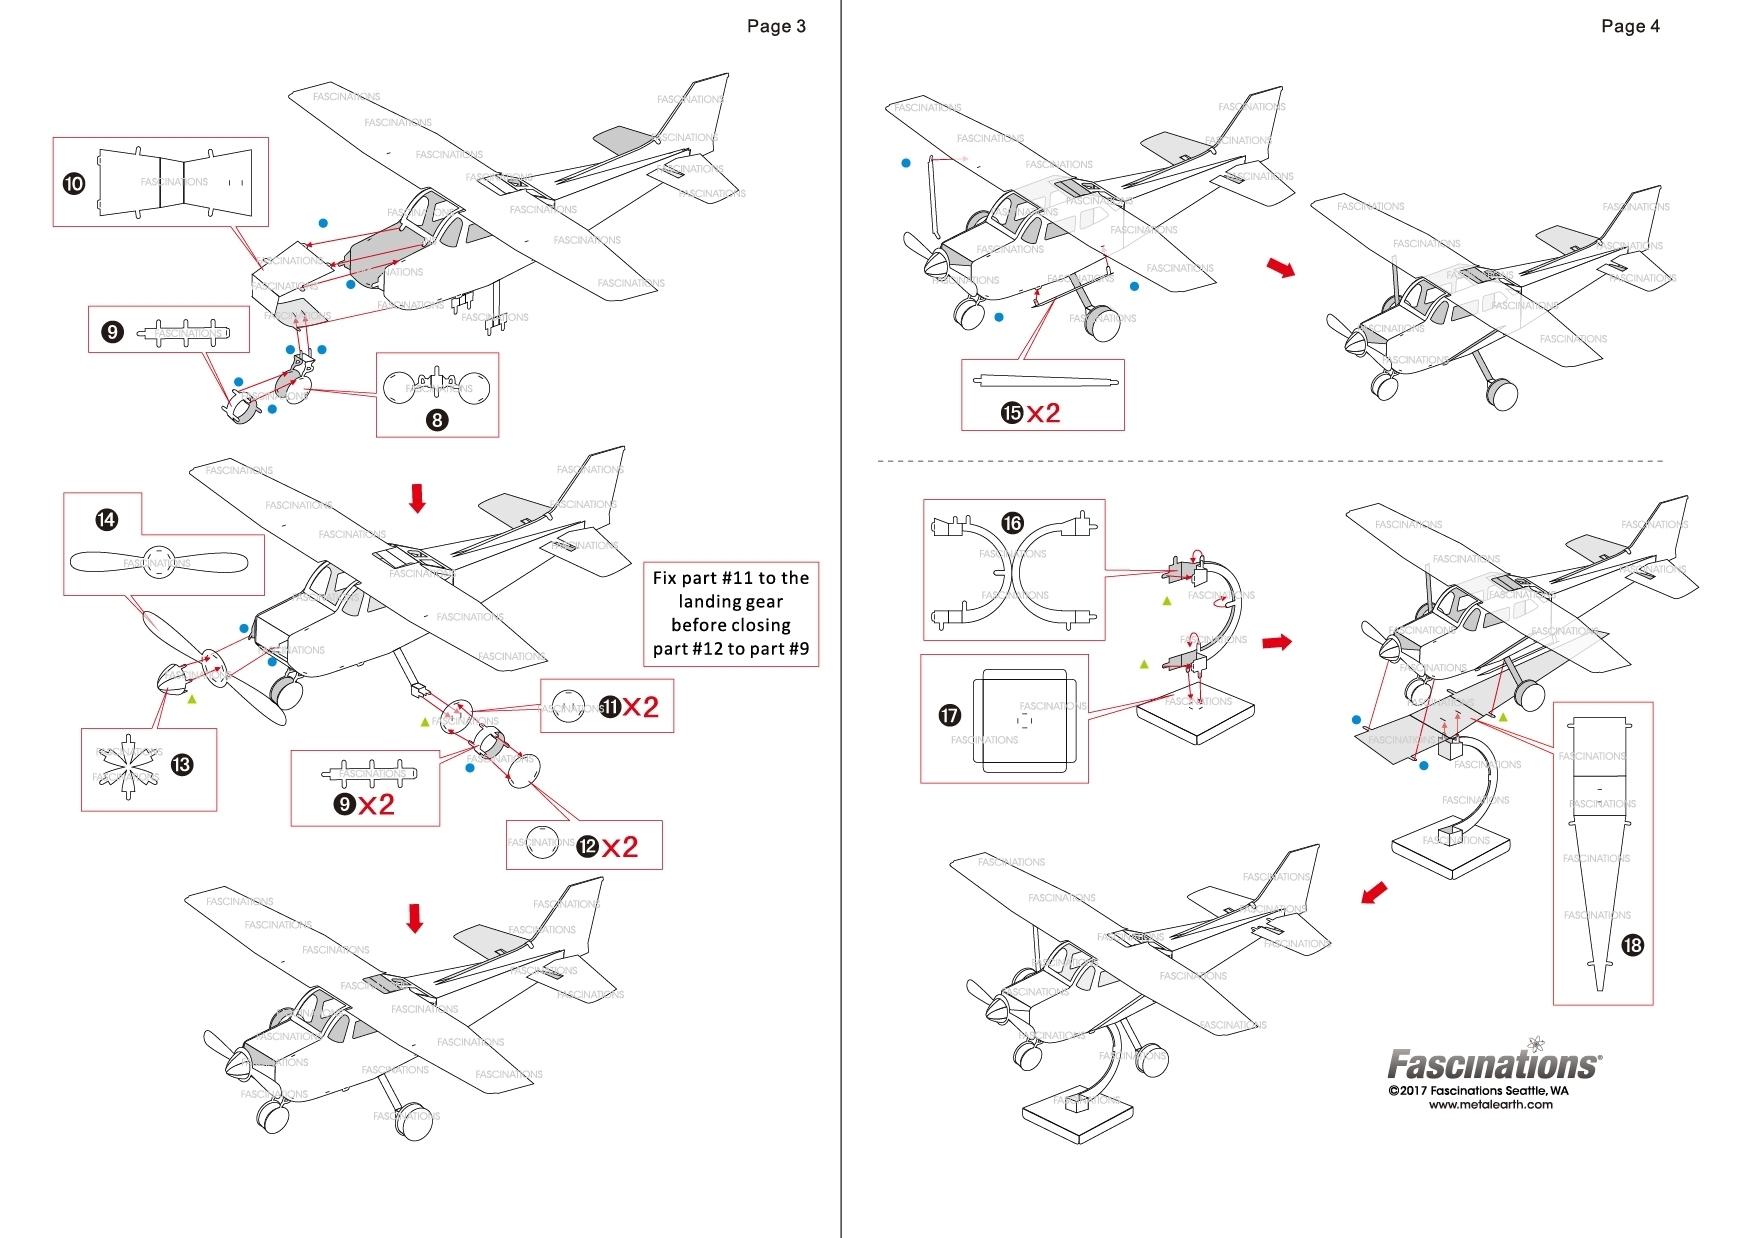 cessna 172 generator wiring diagram duncan designed